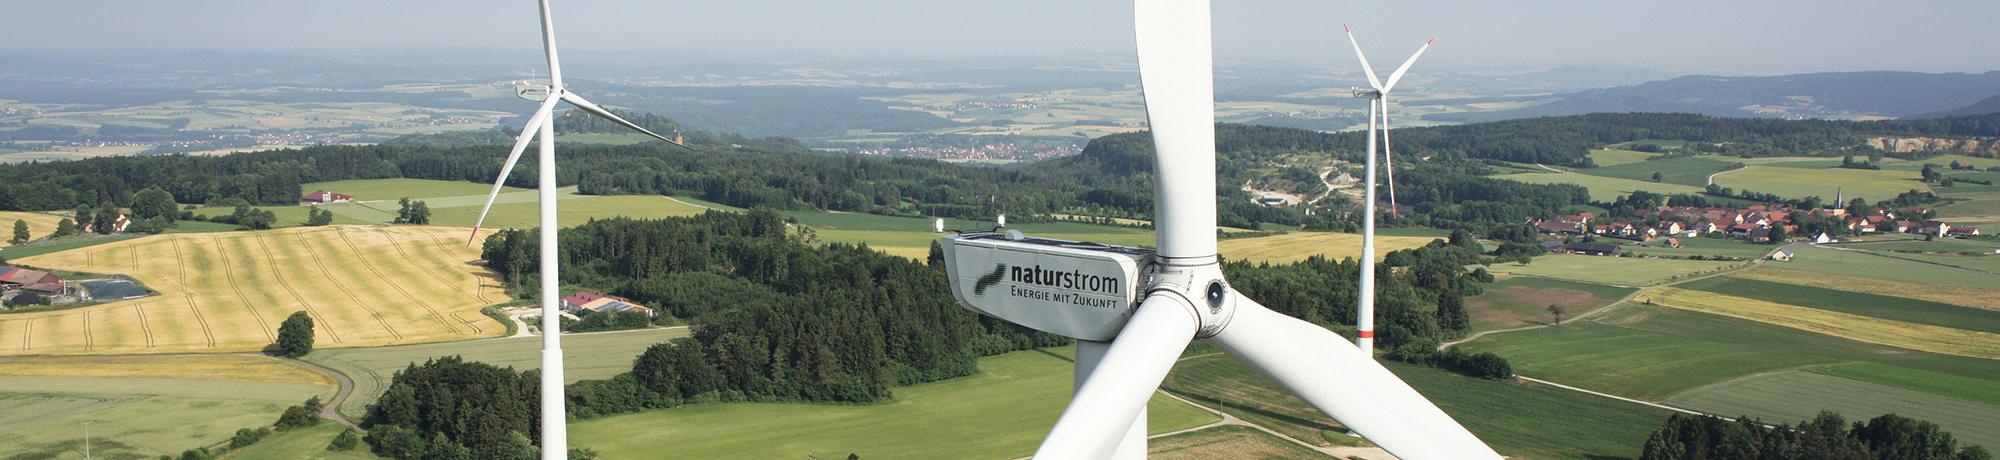 otris-banner_naturstrom-windpark